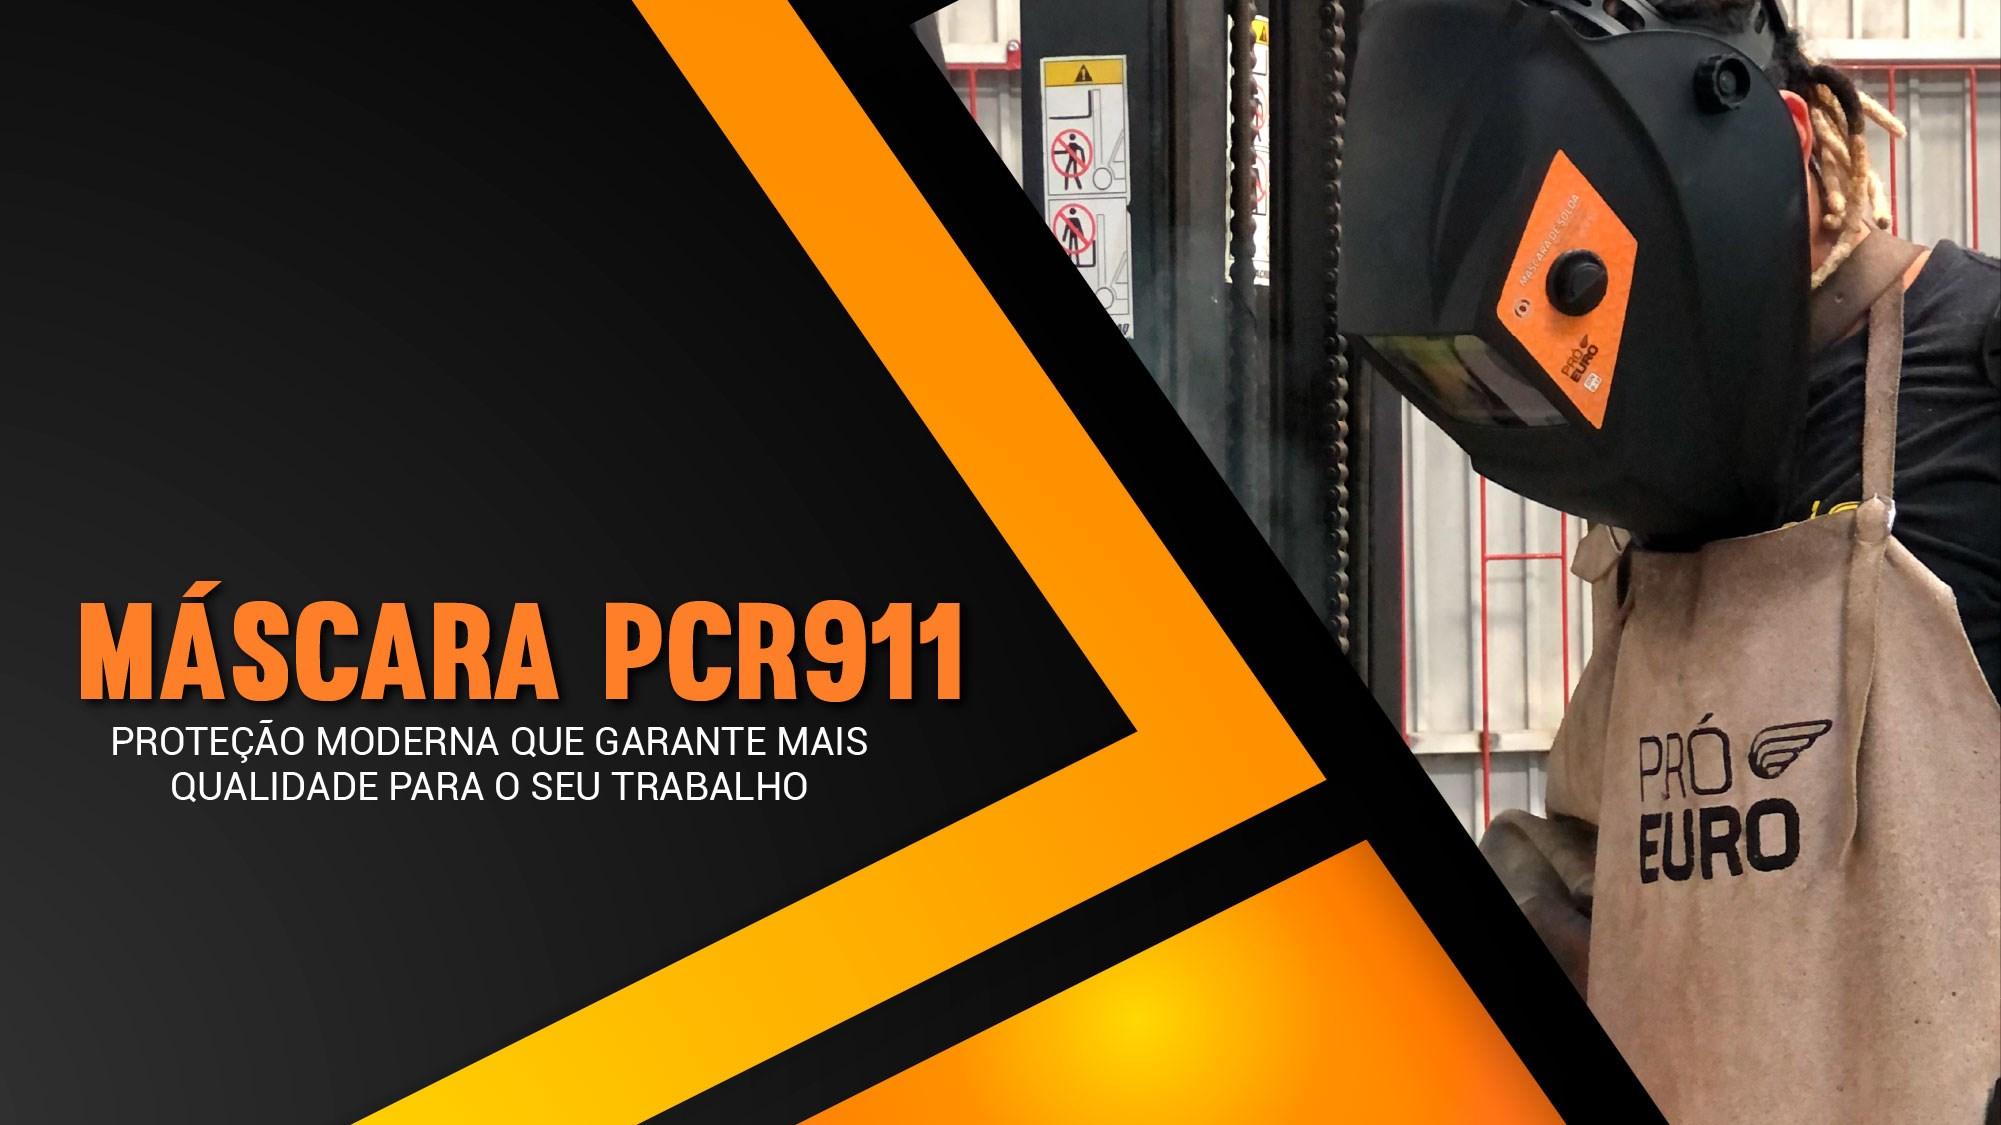 Máscara PCR911 Pró Euro, proteção moderna garante mais qualidade para o seu trabalho